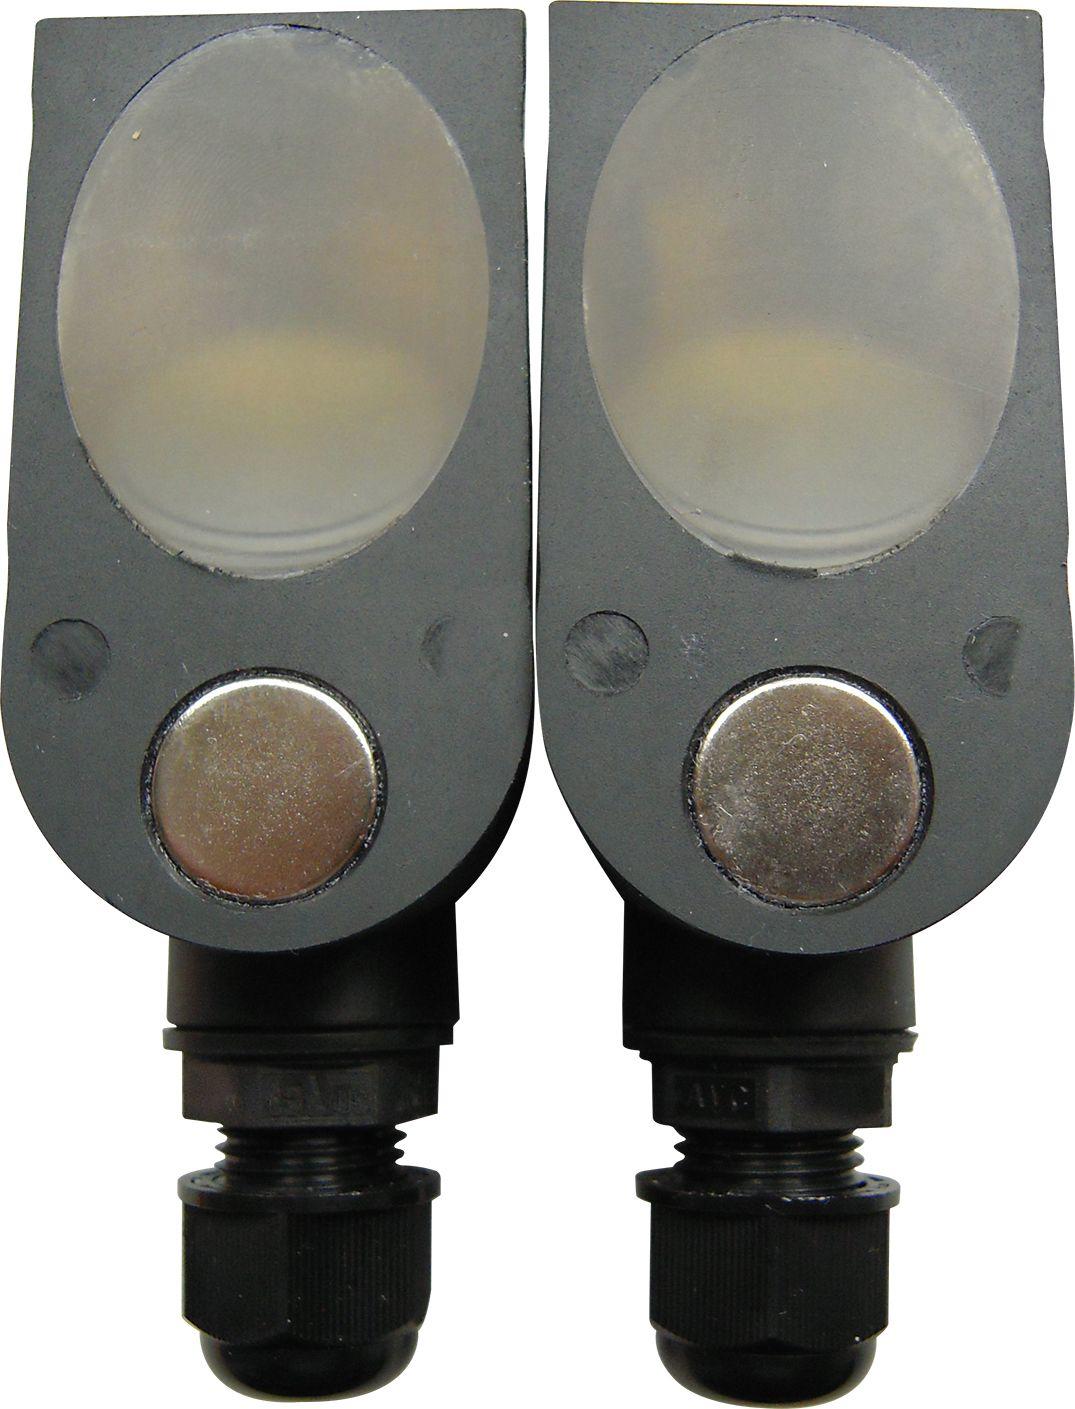 超声波流量计外夹式插入式管段式带远传可泡水广川低价厂家直销